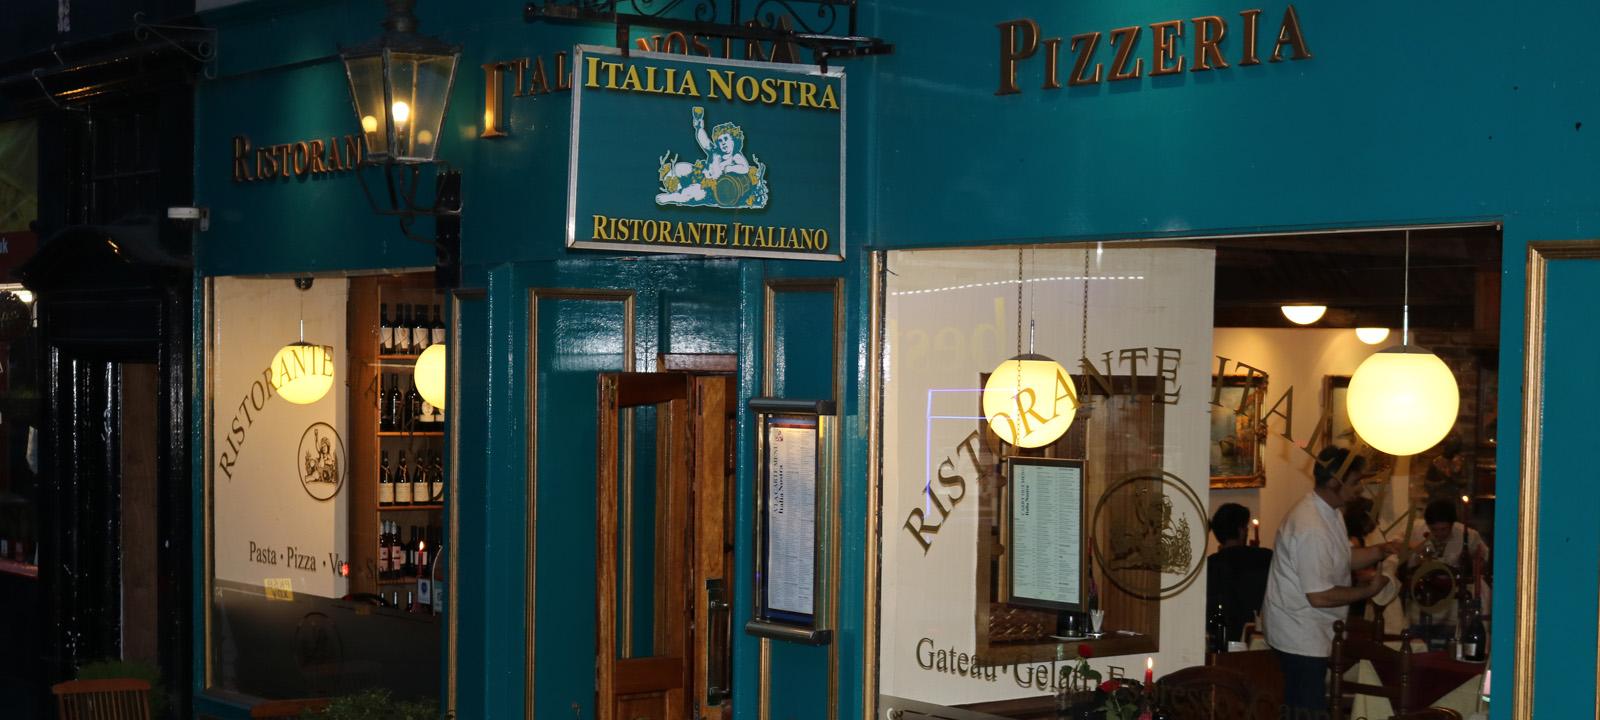 Italia Nostra Exterior Evening